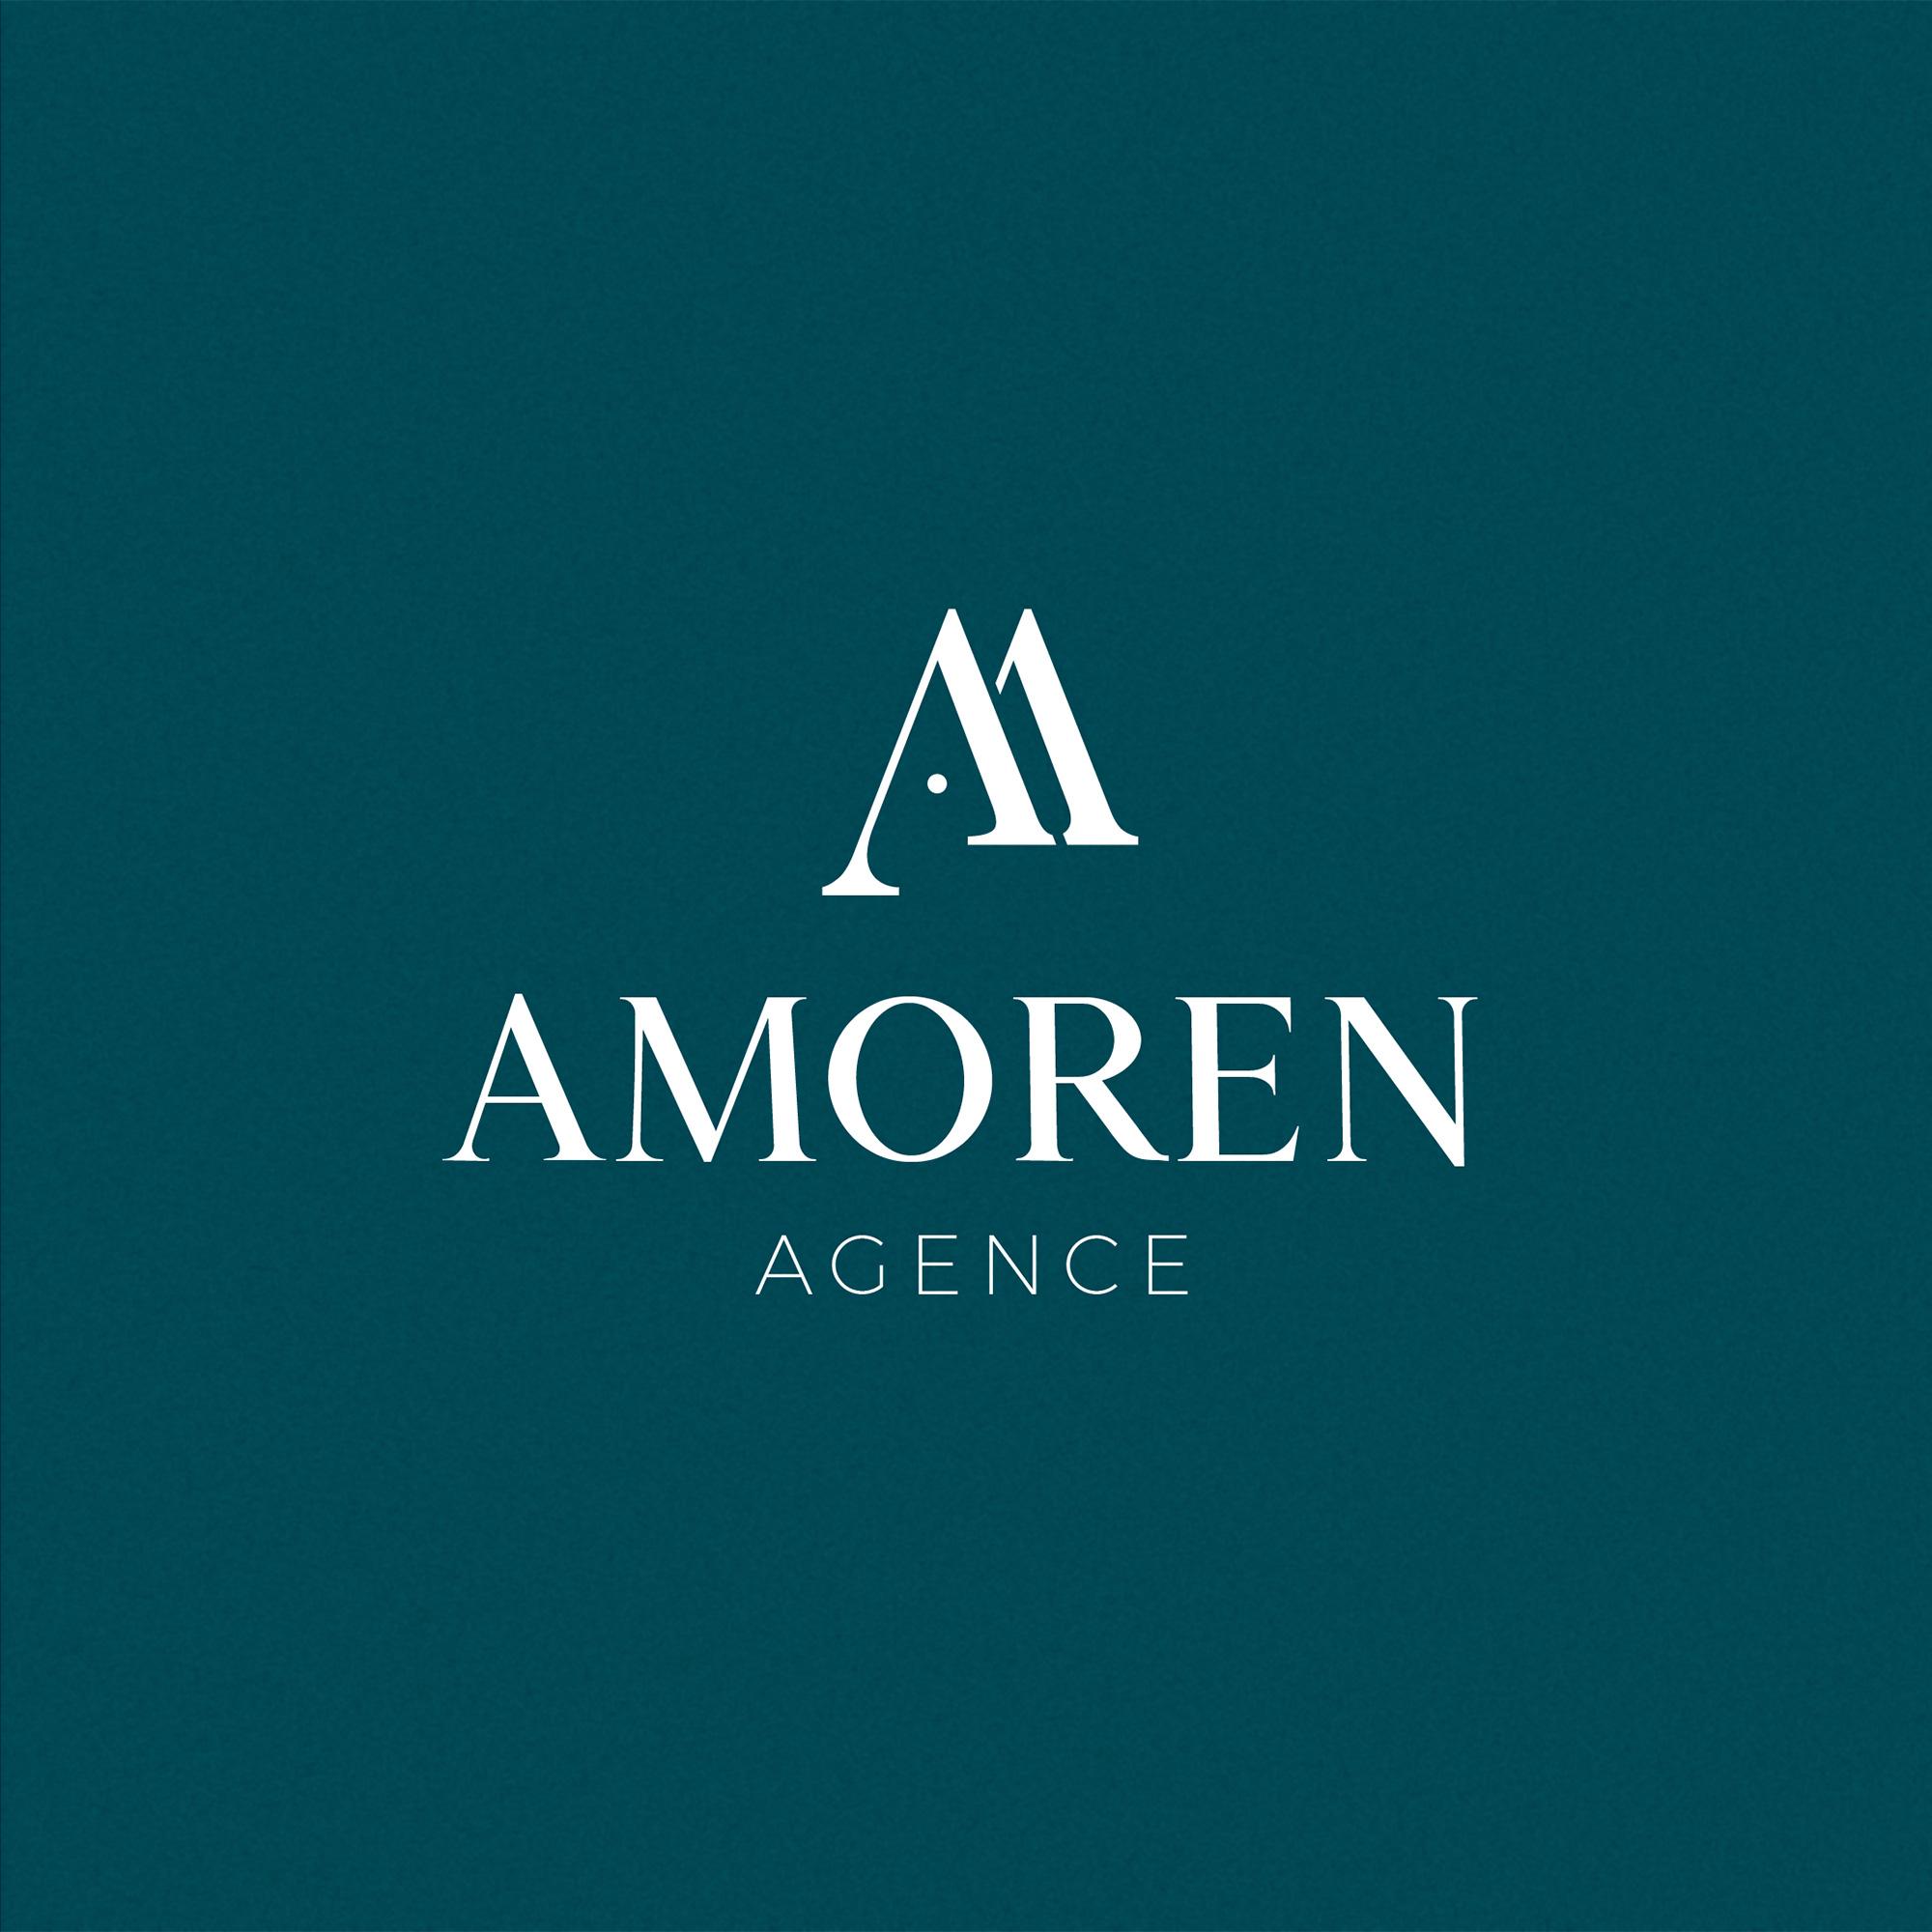 Logotype complet : refonte du logo de l'Agence Amoren